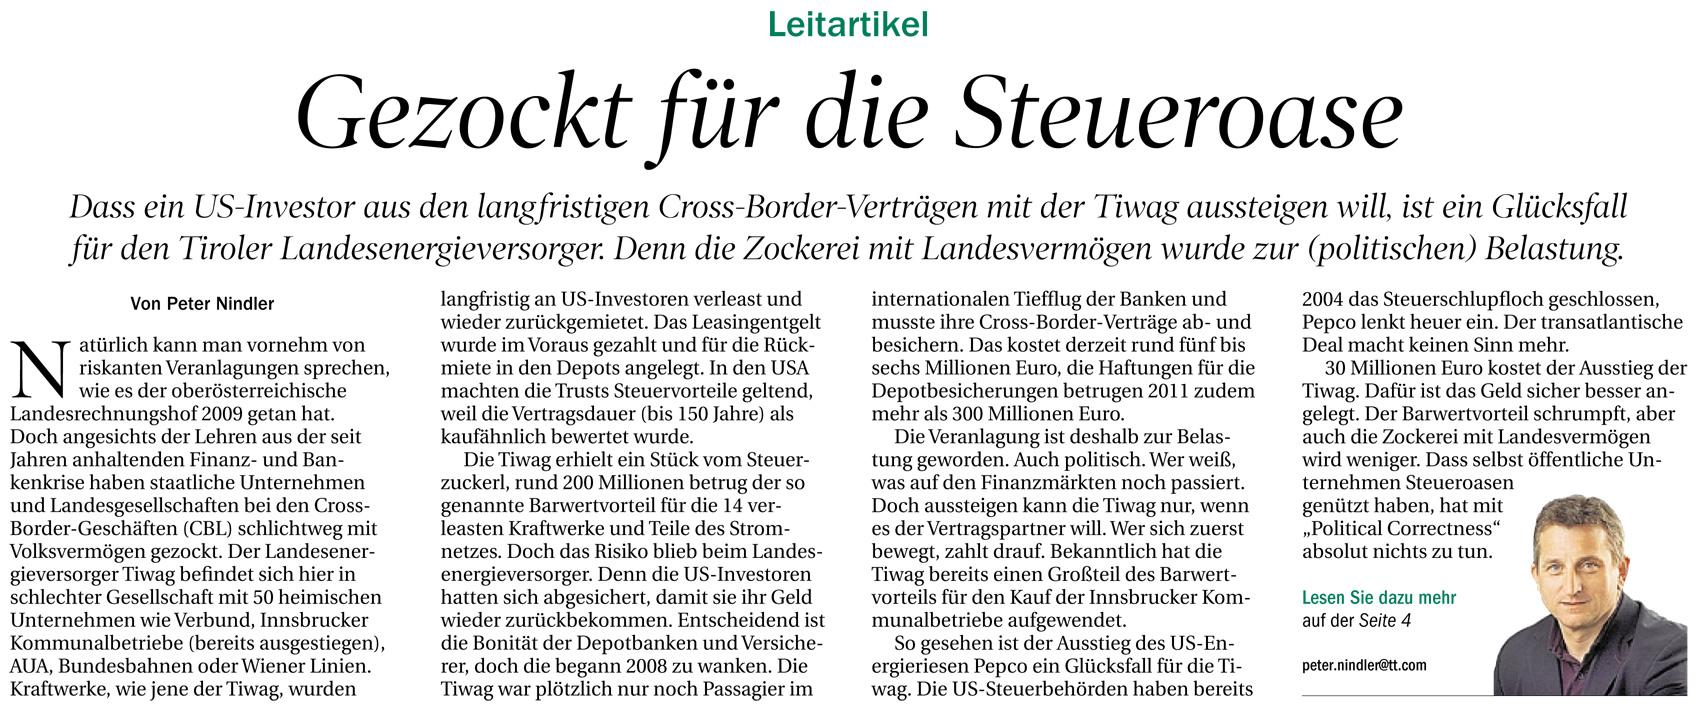 Kommentar der Tiroler Tageszeitung zur TIWAG